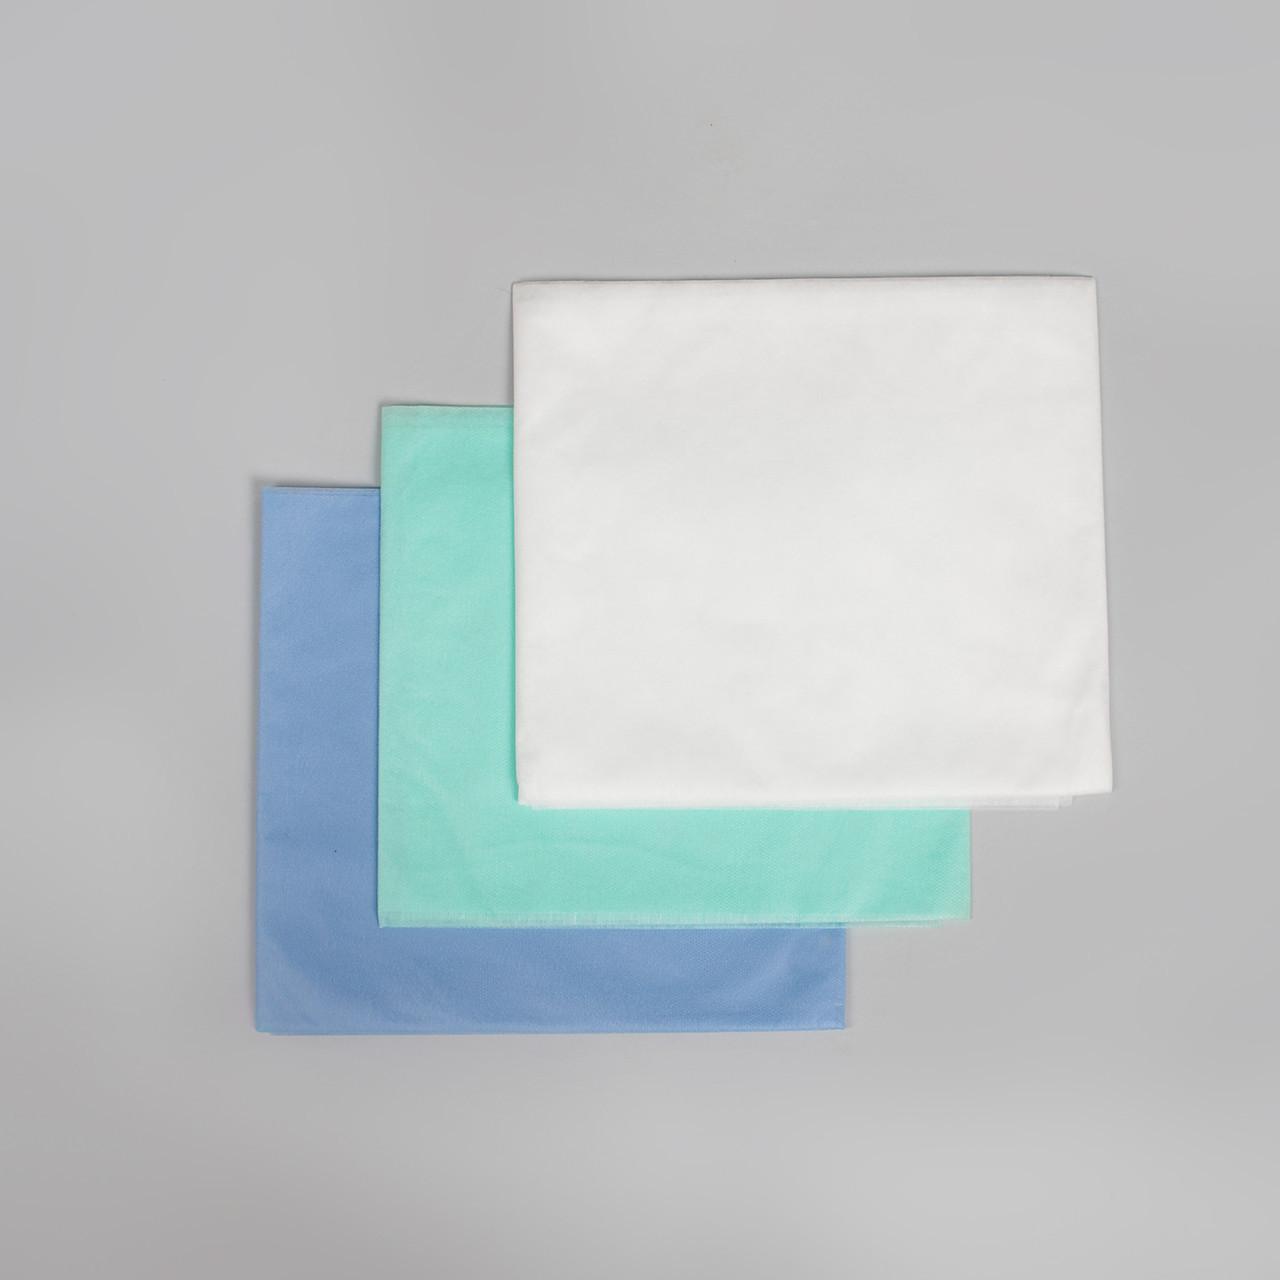 Пеленки одноразовые 0,8*1,0 м Polix PRO&MED со спанбонда 25г/м2 (10шт/уп.)